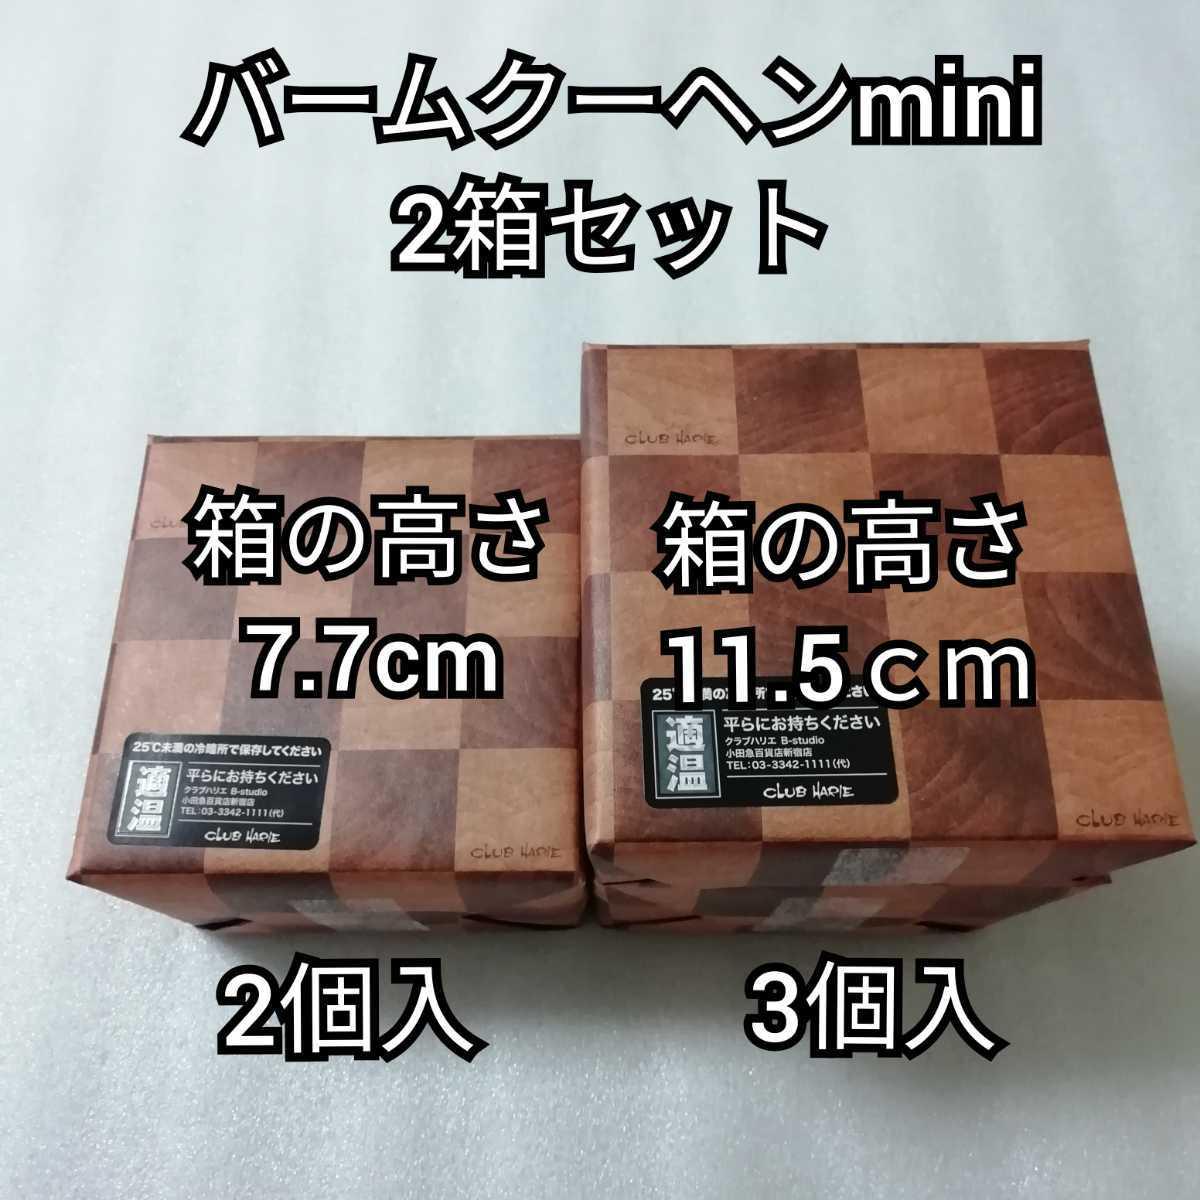 クラブハリエ 2種類2箱 バームクーヘンmini 7.7cm 11.5cm バームクーヘン バウムクーヘン クラブハリエ お菓子 詰め合わせ_画像1